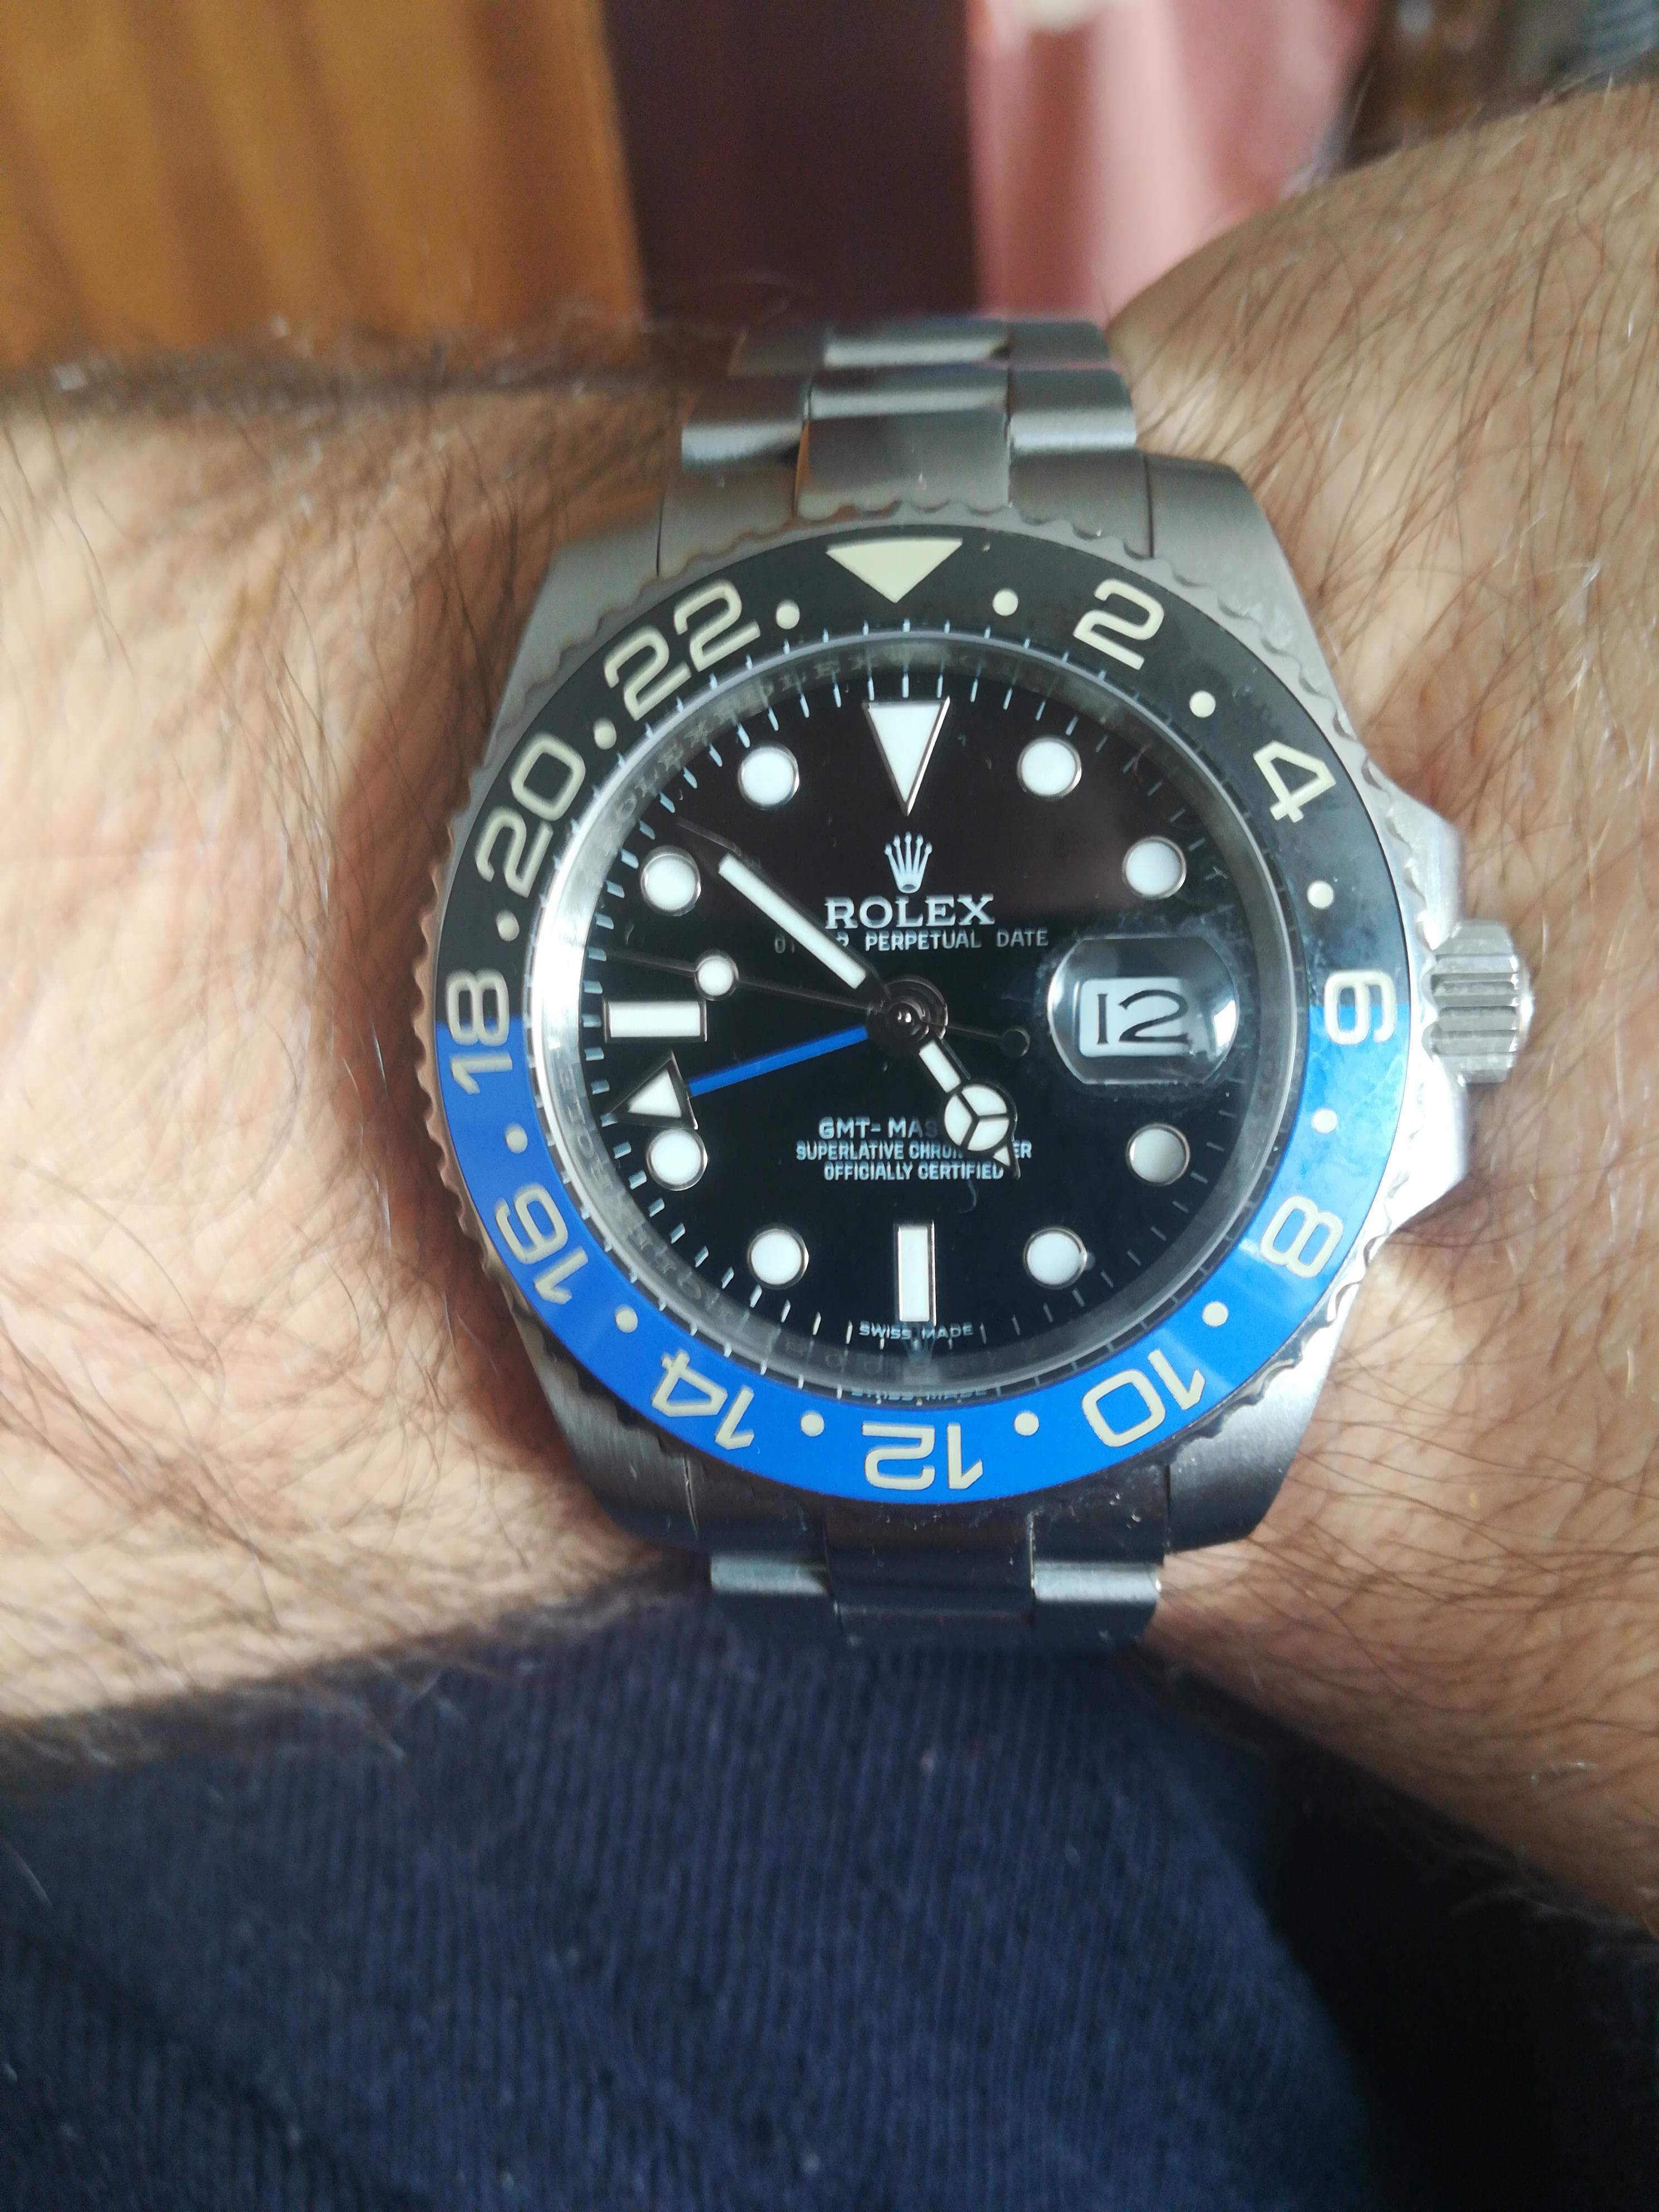 Πρώτο ρολόι ρεπλικα. GMT Master 2 - Ρολόγια Replica